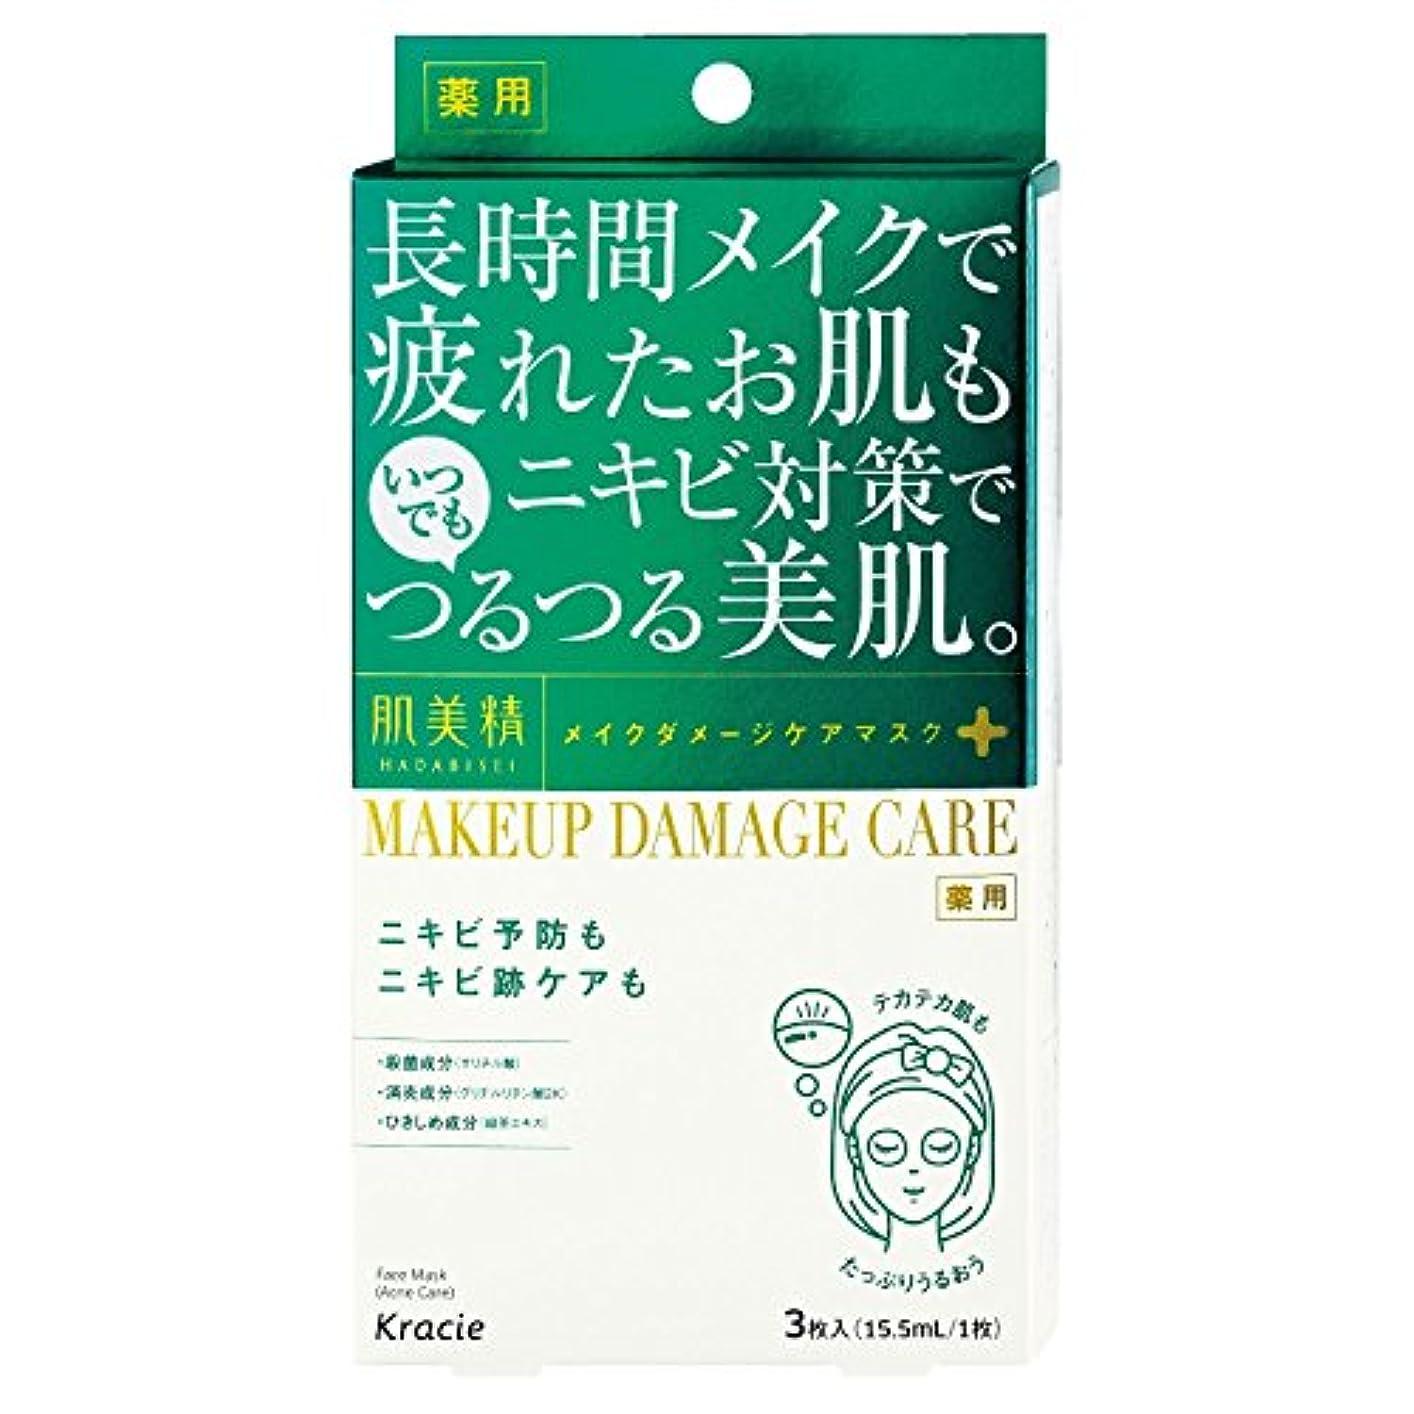 ラッチアーサーコナンドイル彼ら肌美精 ビューティーケアマスク(ニキビ) [医薬部外品] 3枚 × 2個